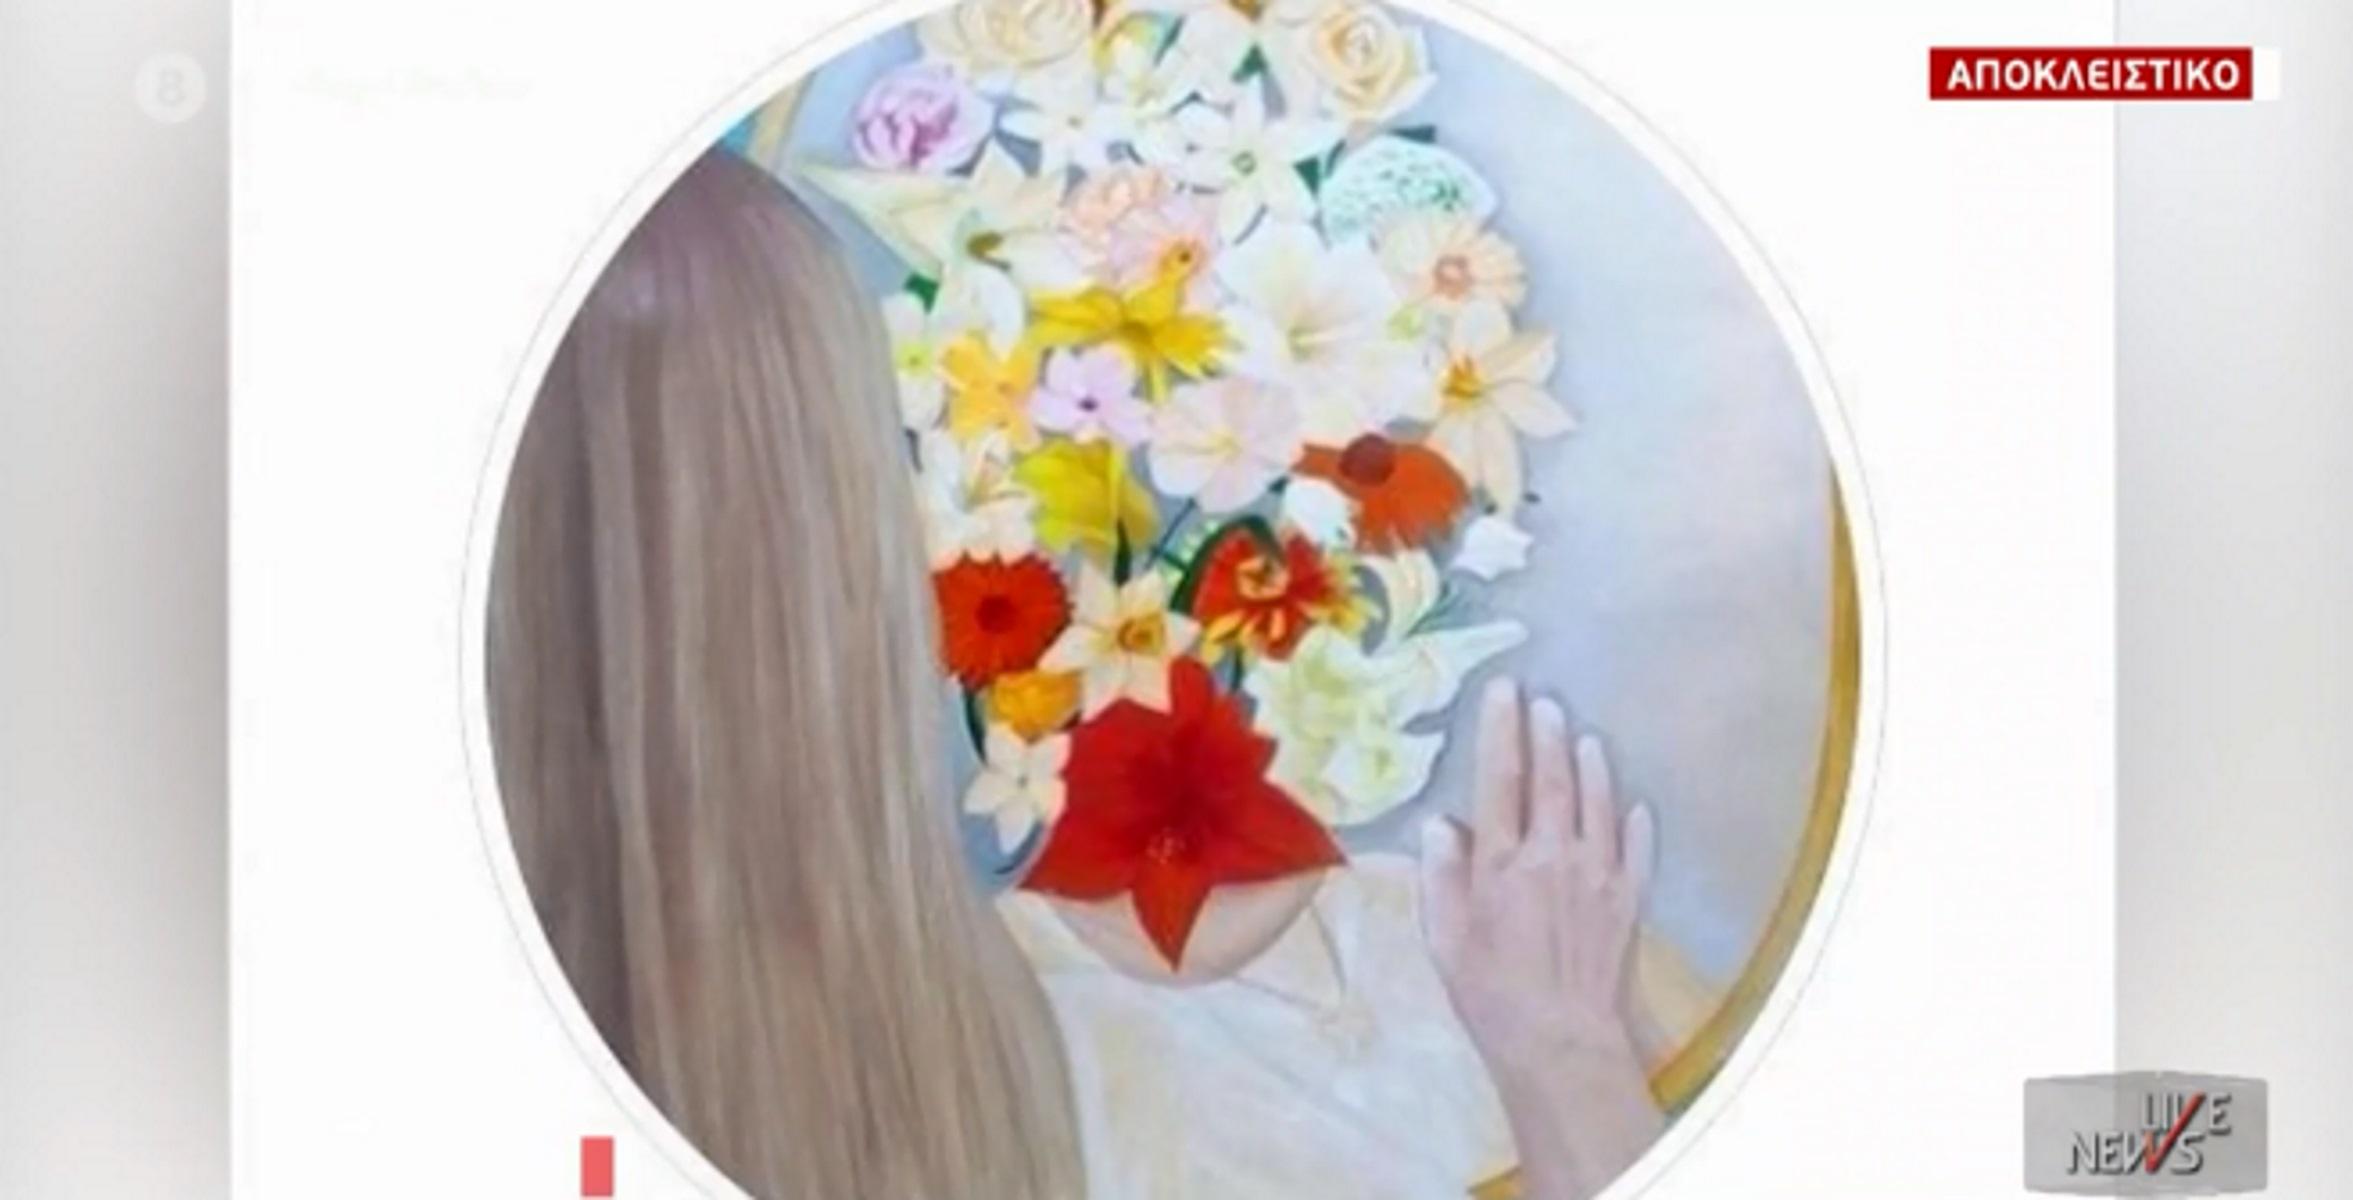 Επίθεση με βιτριόλι: Η συγκίνηση της Ιωάννας για τον πίνακα που της ζωγράφισε μια 16χρονη (video)